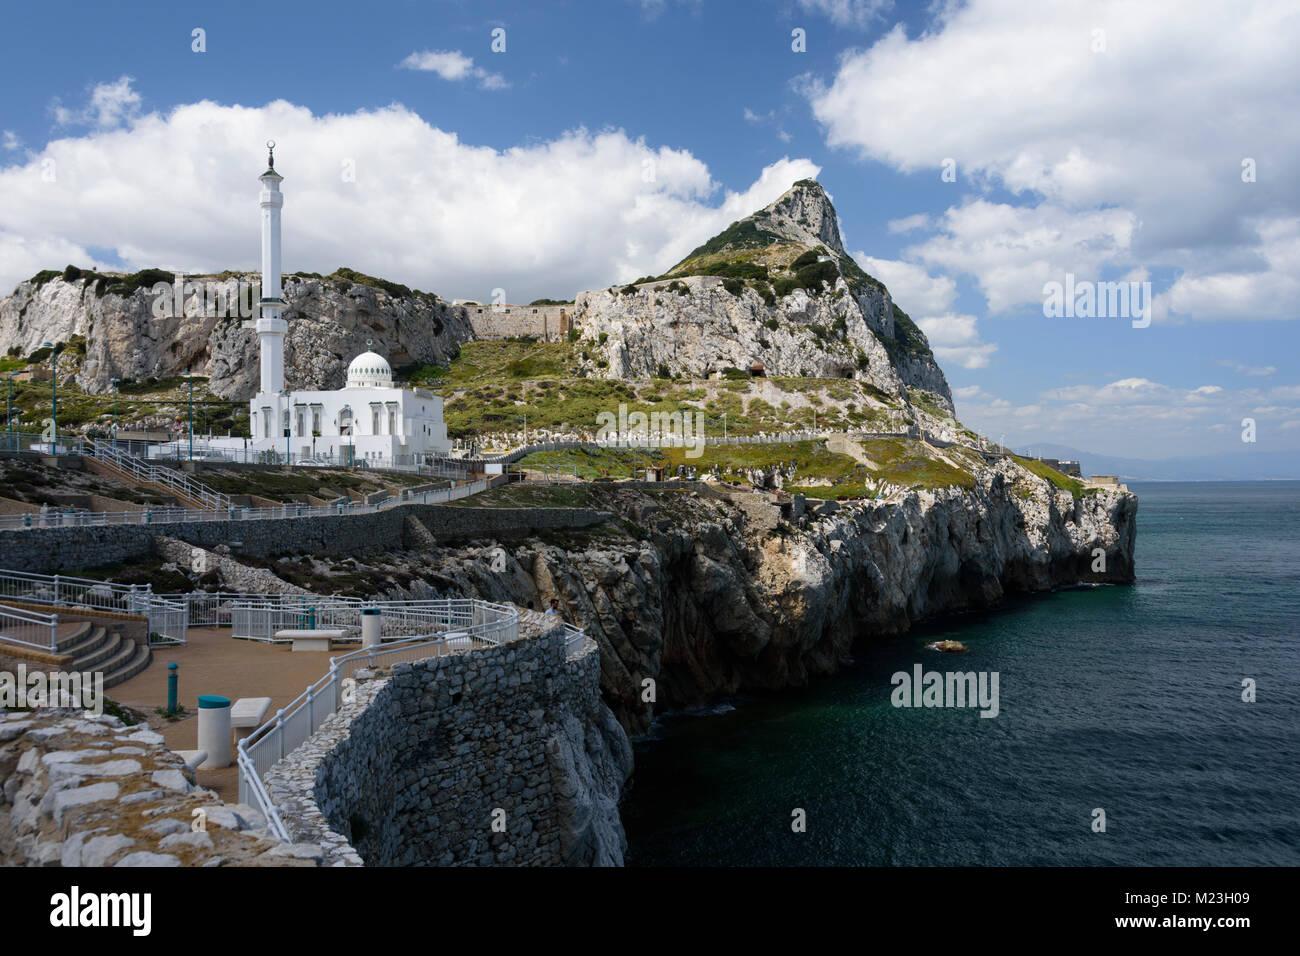 Gibilterra, Ibrahim - al- la moschea di Ibrahim sul punto di Europa. La punta meridionale dell'Europa. Immagini Stock